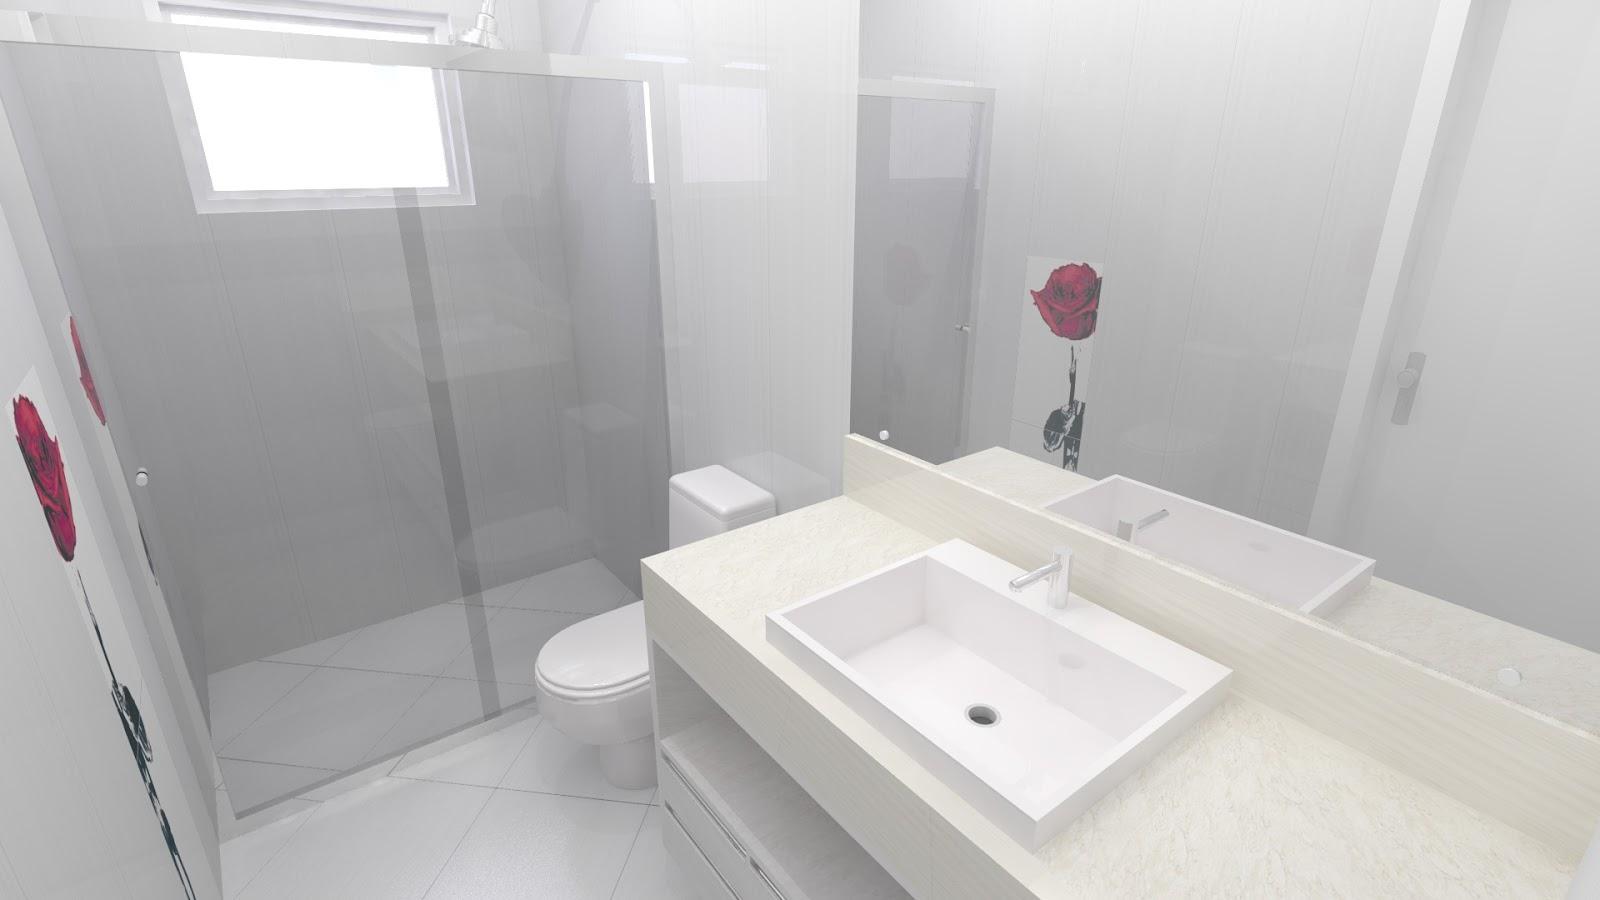 Projeto banheiros #8C3F59 1600 900